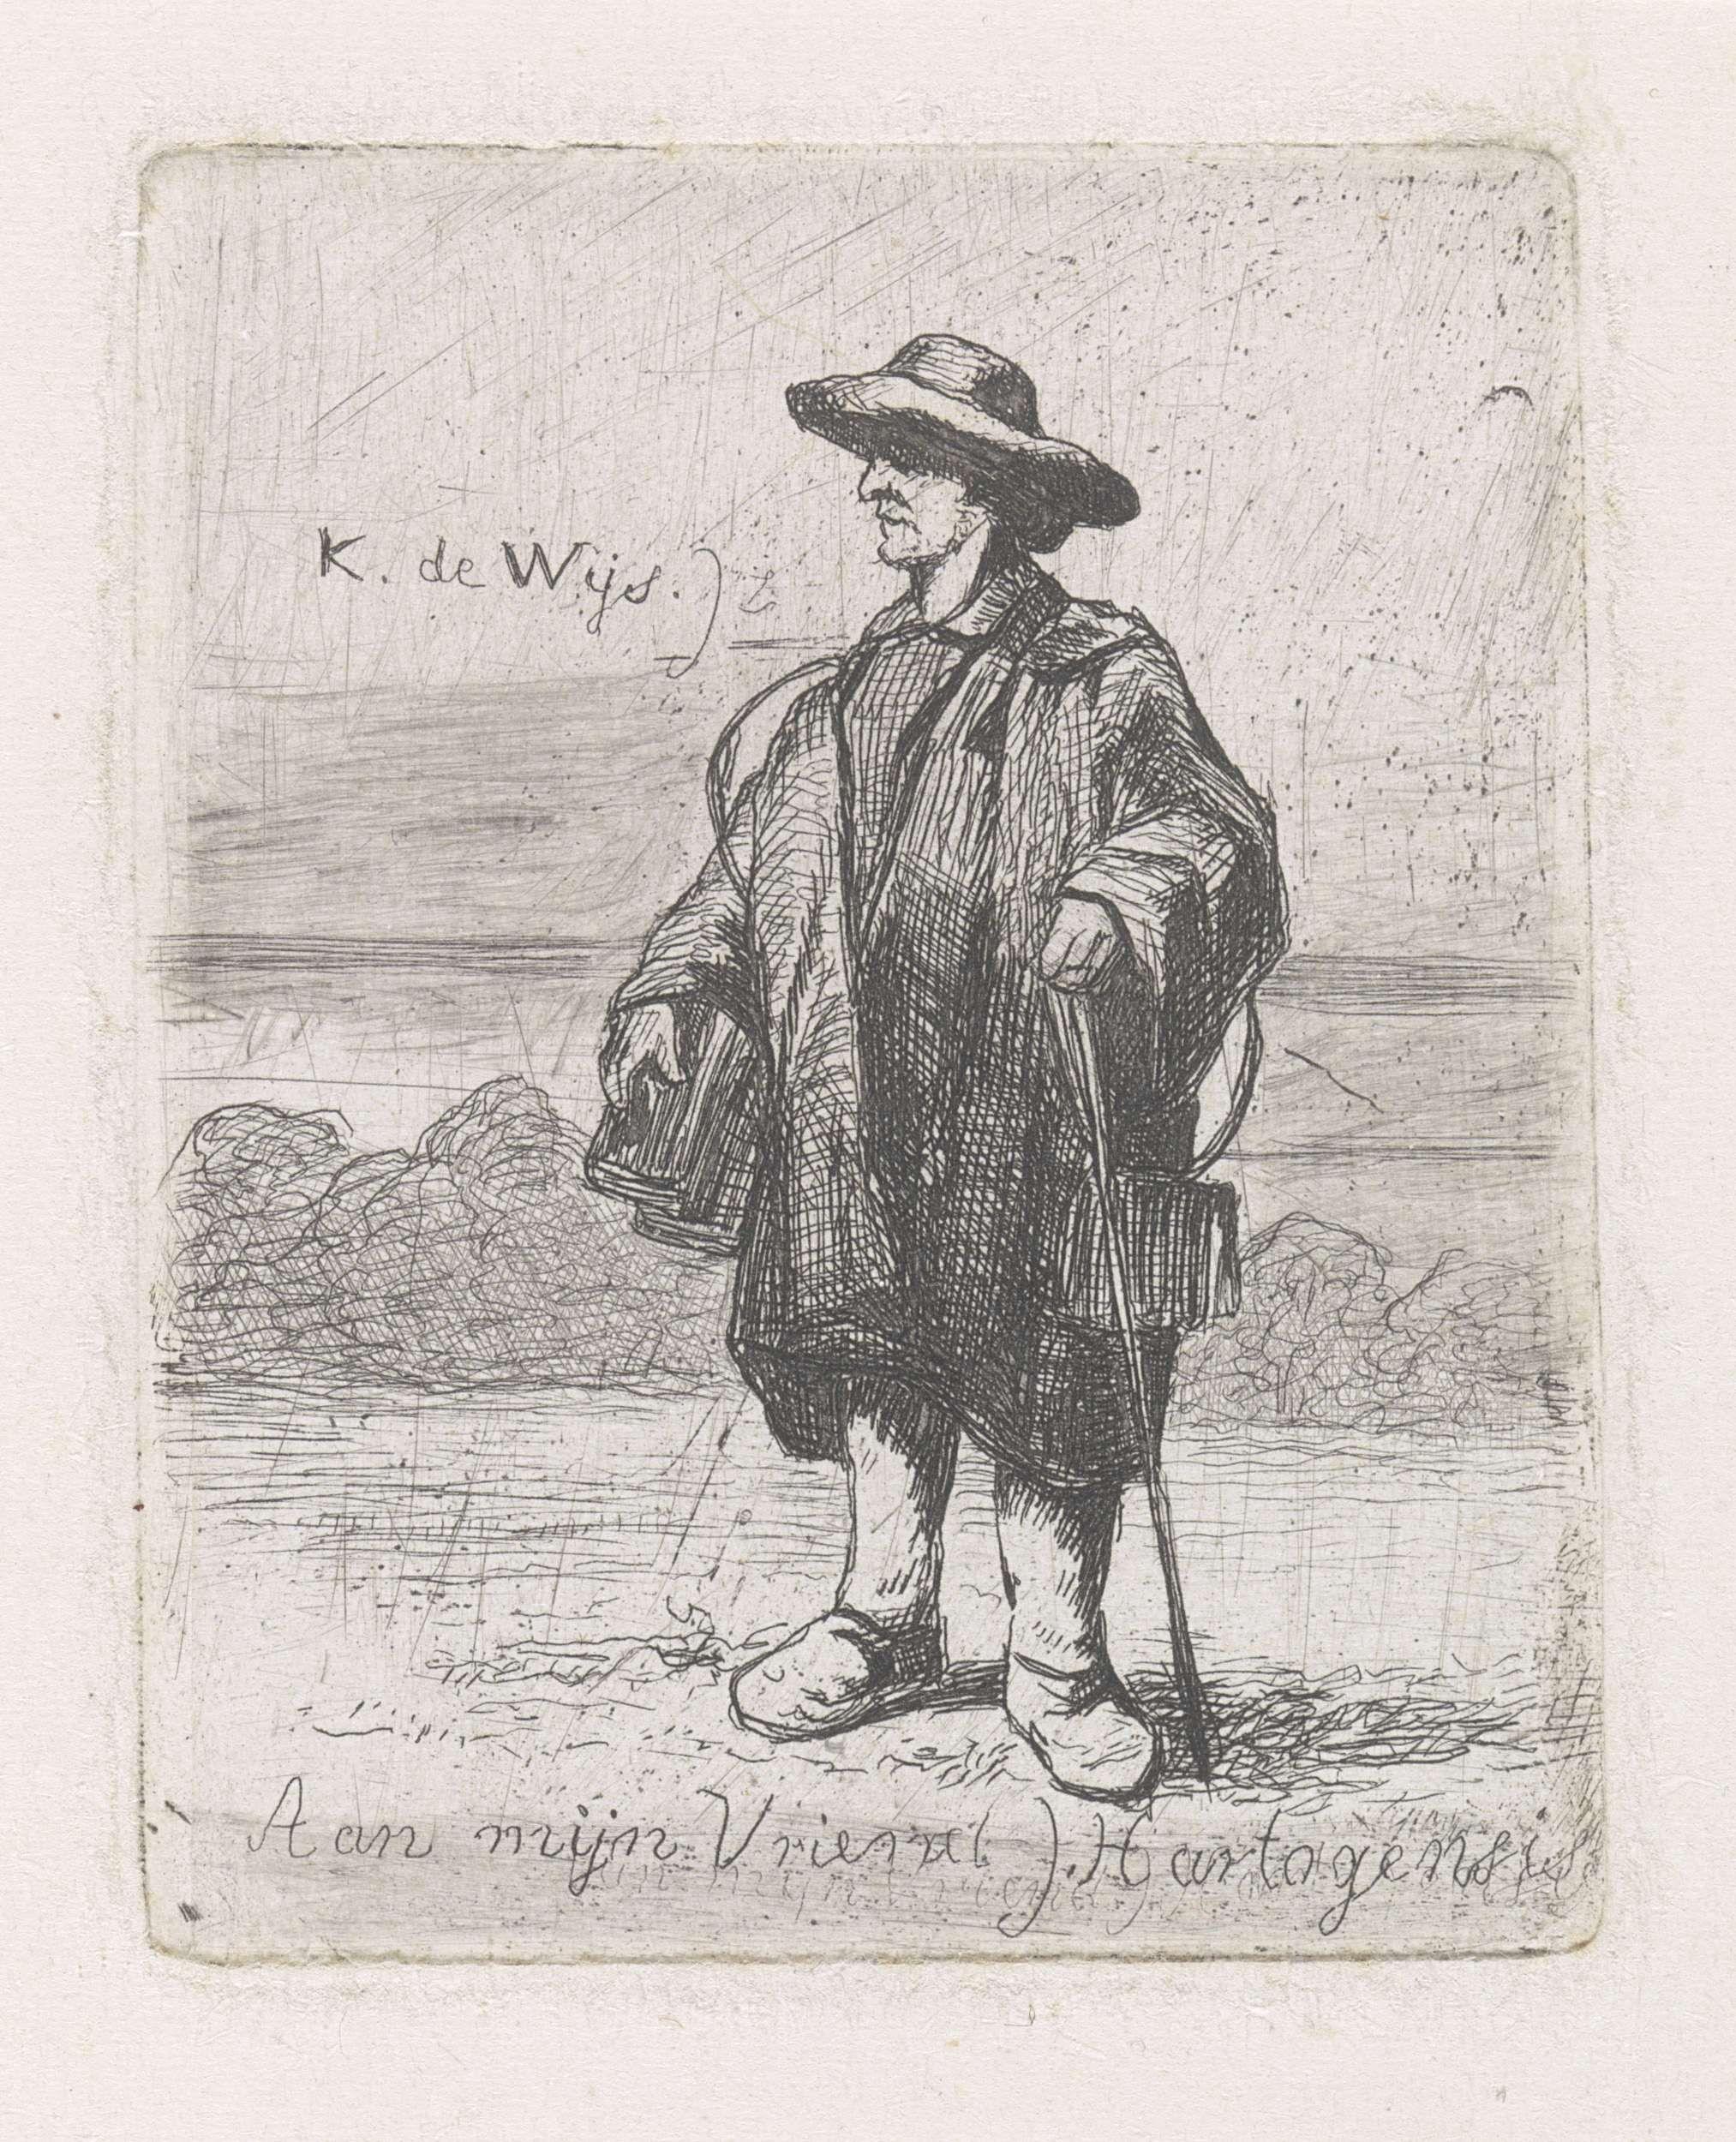 Kornelis Jzn de Wijs | Man met hoed op het hoofd en stok in de hand, Kornelis Jzn de Wijs, Joseph Hartogensis, 1842 - 1896 |